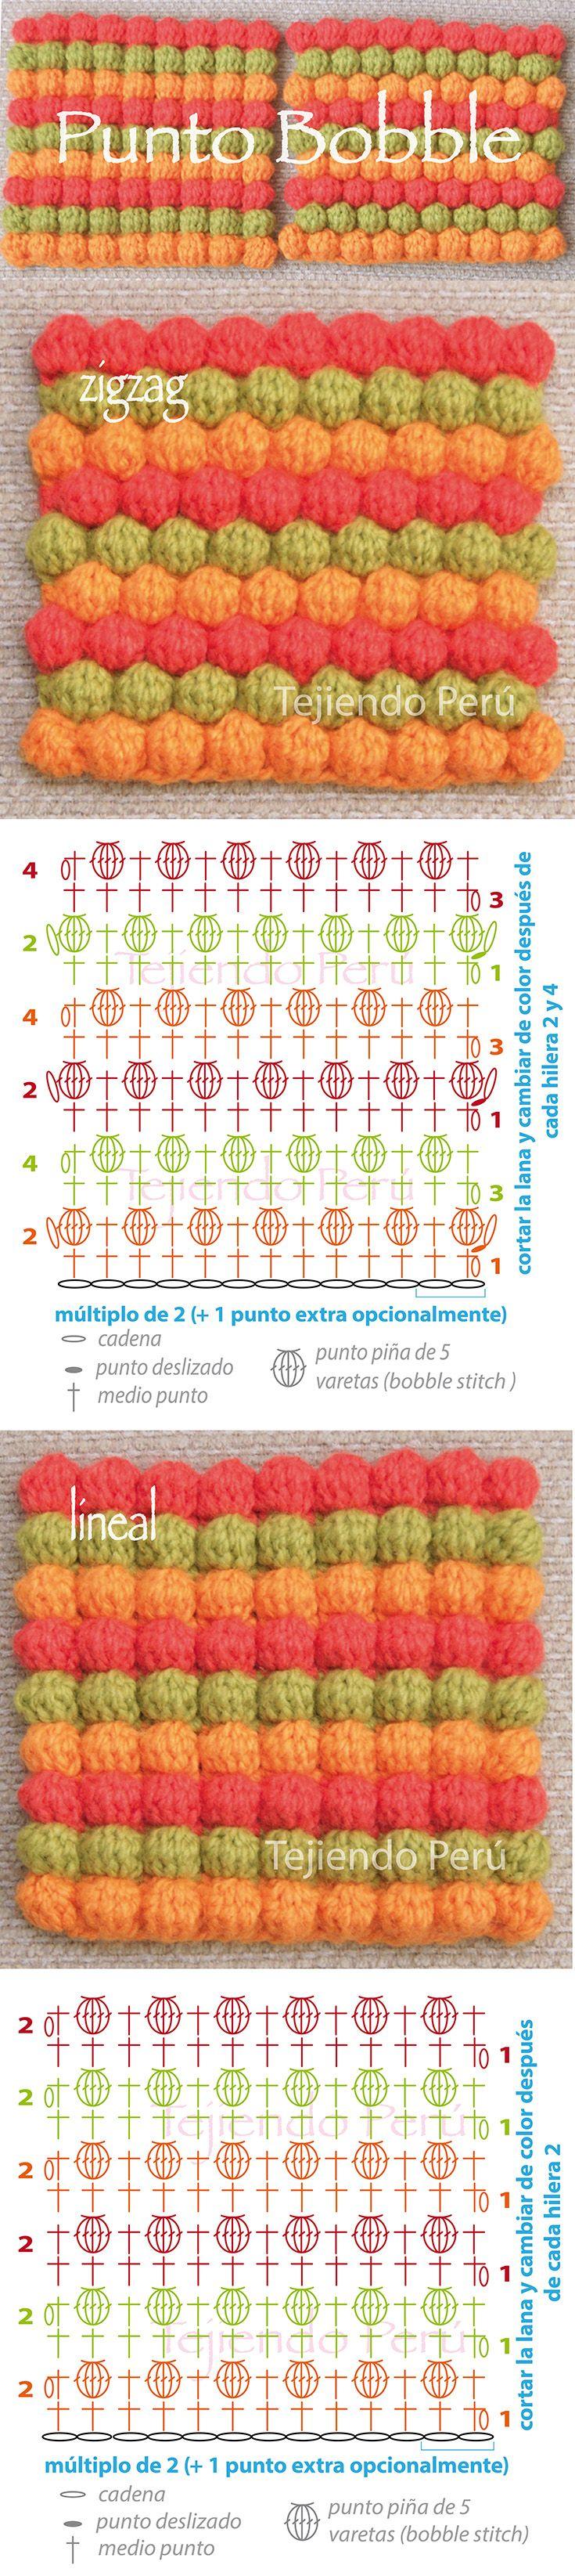 Punto bobble tejido a crochet en zigzag y en forma lineal (diagramas ...